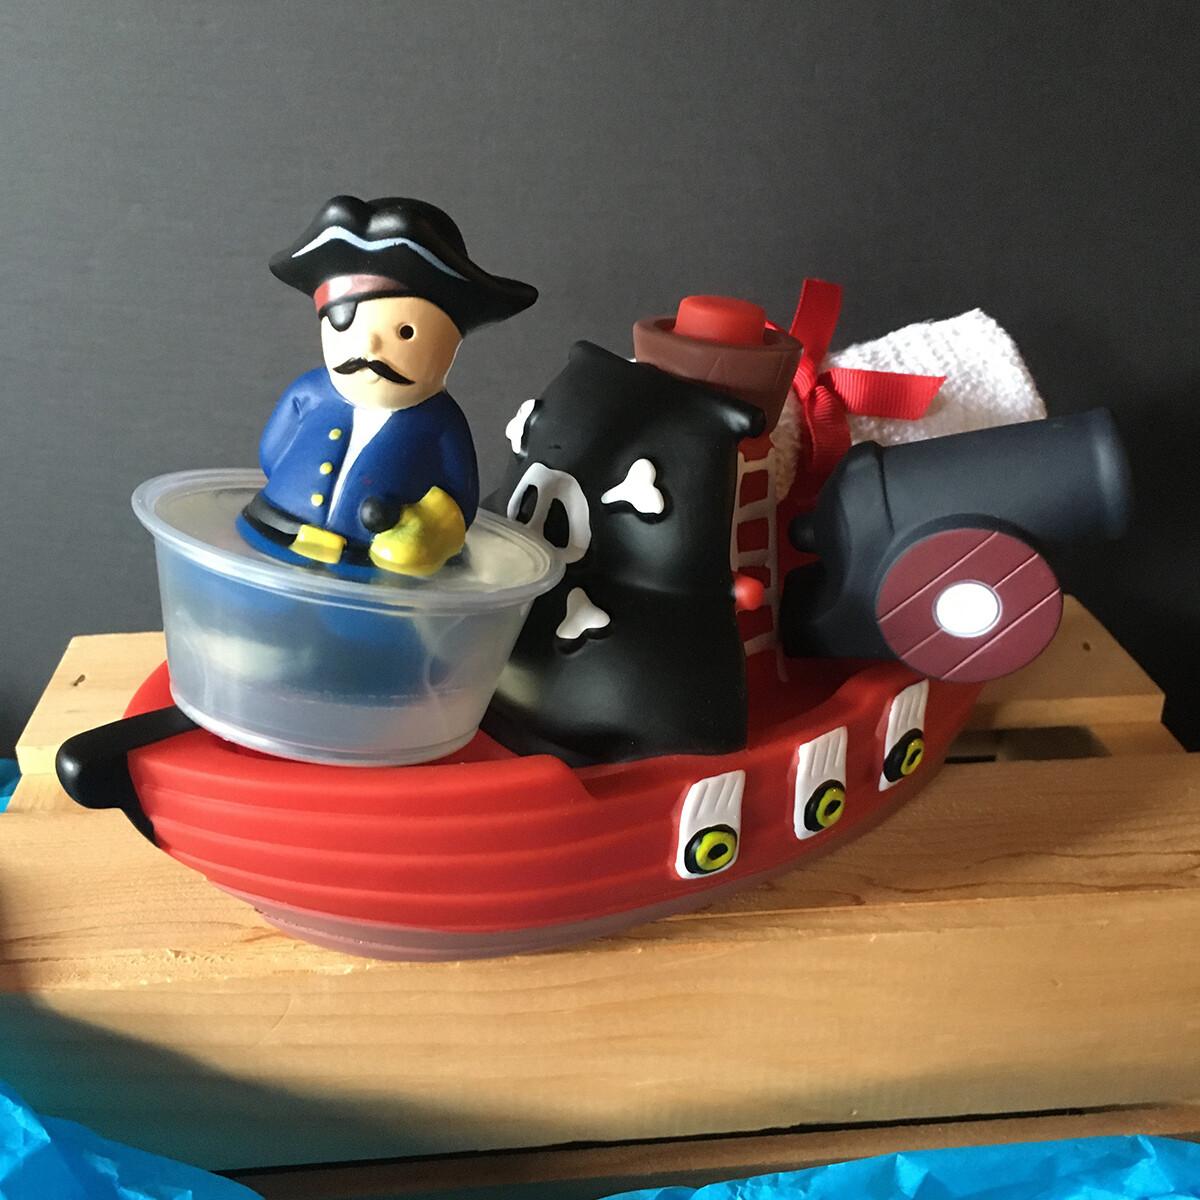 Pirate Ship Tub Play Set